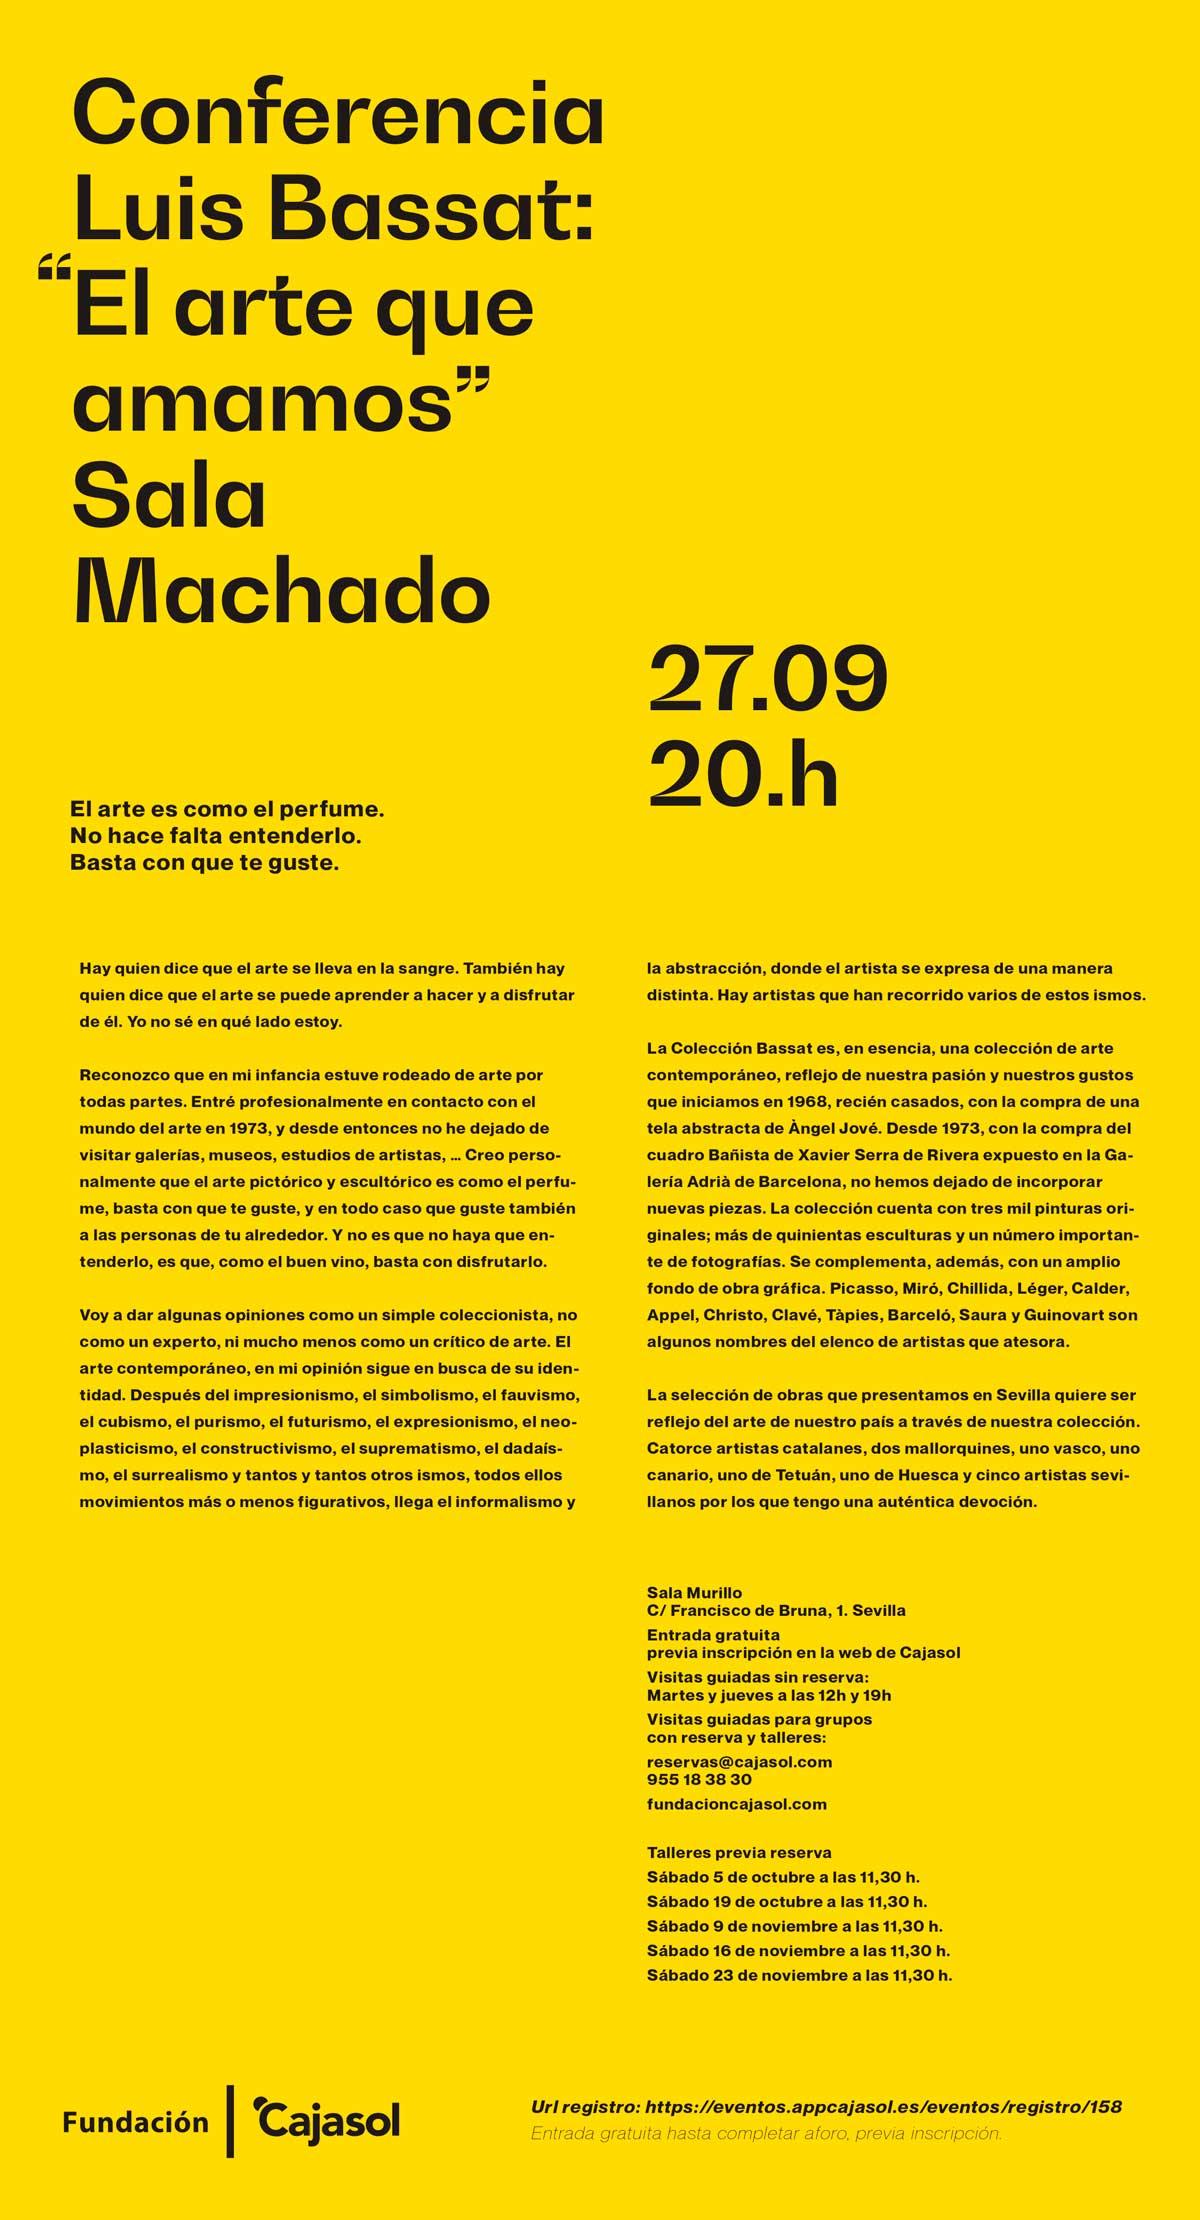 Cartel de la conferencia de Luis Bassat en la Fundación Cajasol